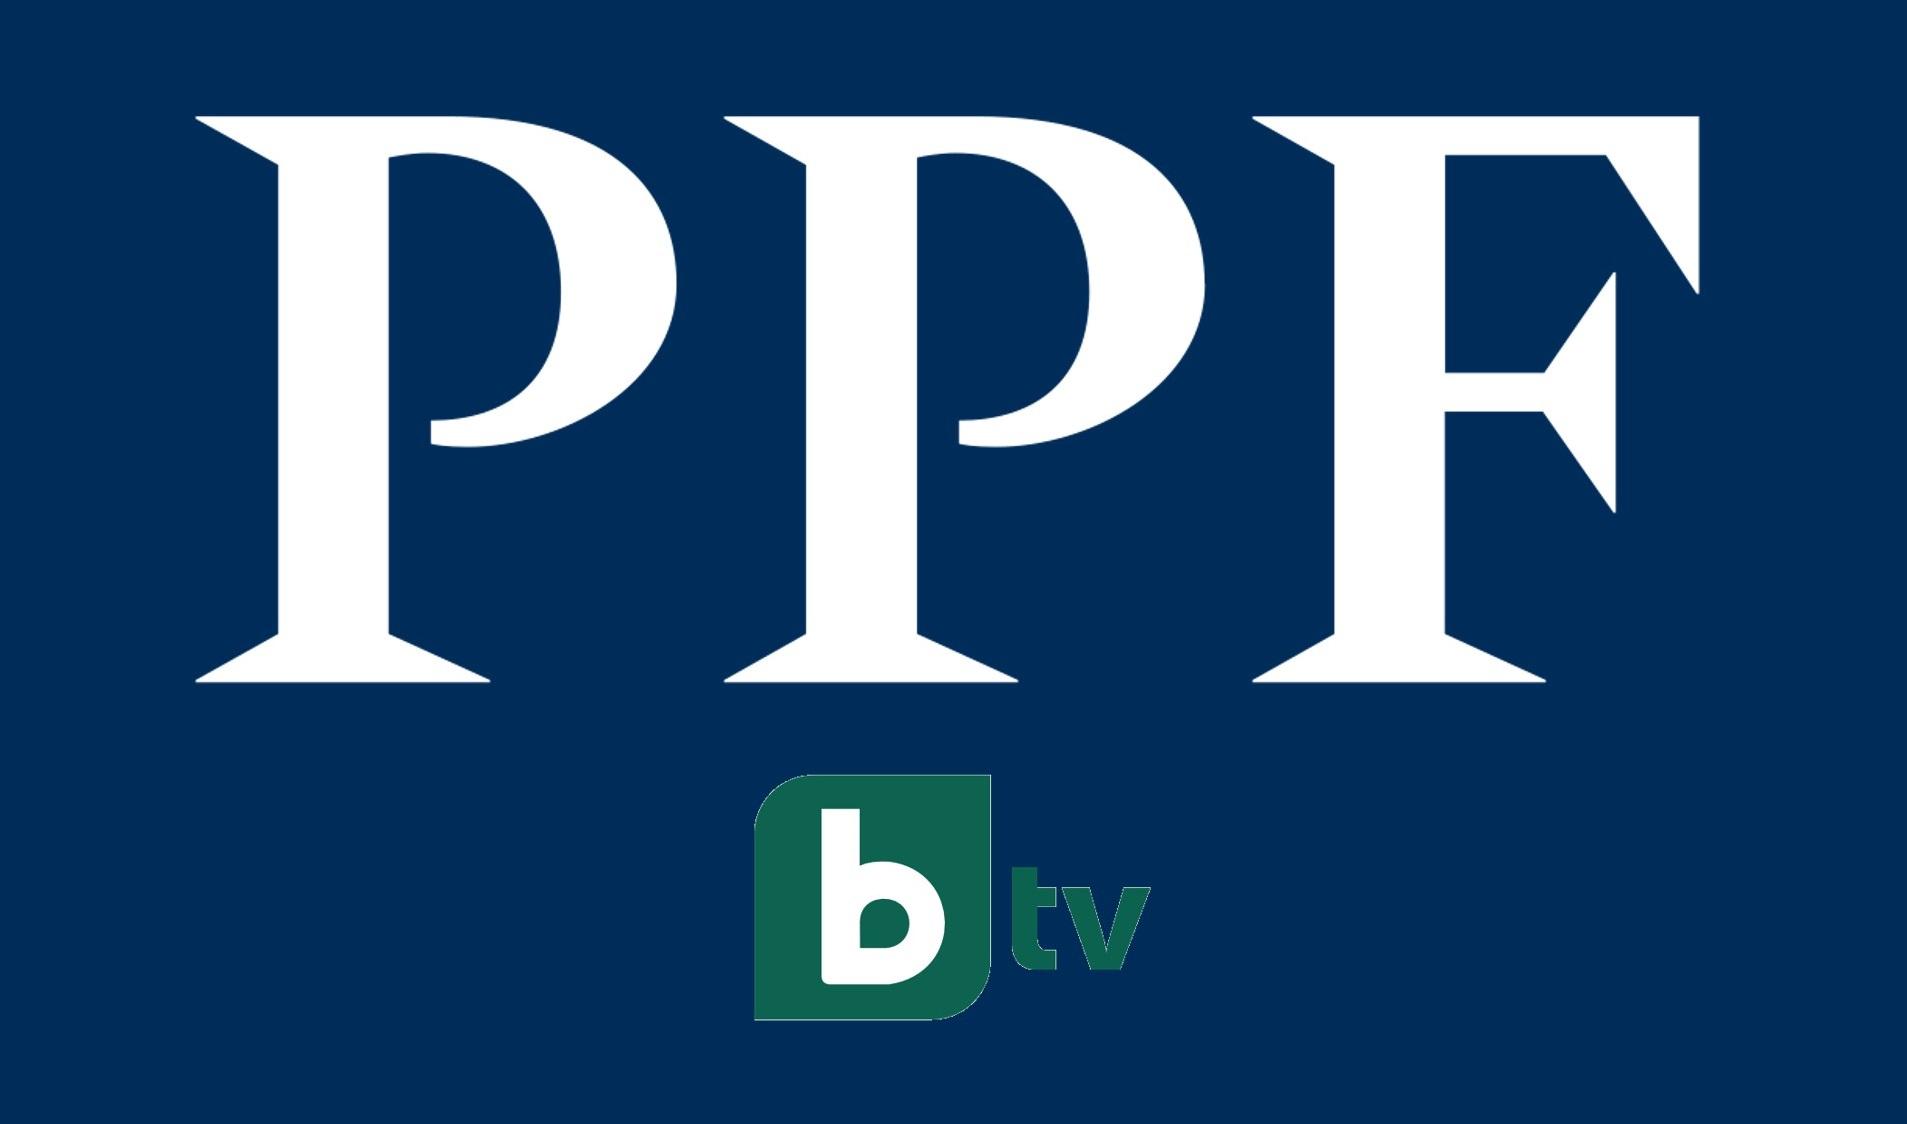 ppf-group-btv